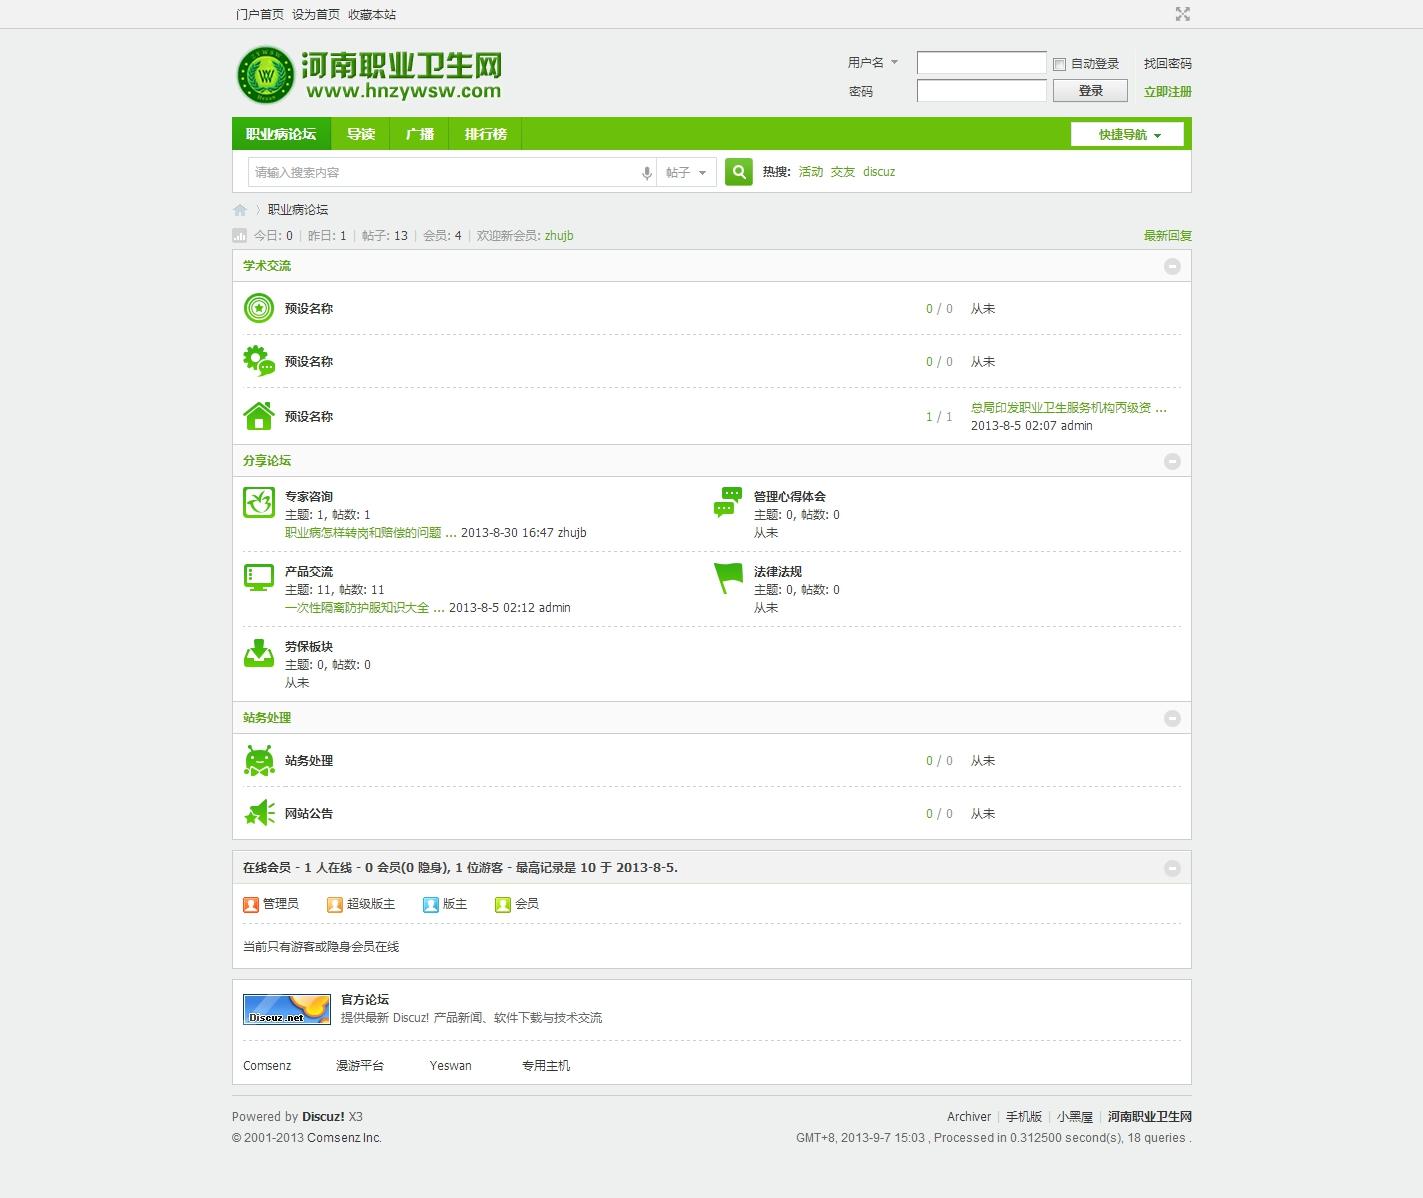 河南职业卫生网论坛